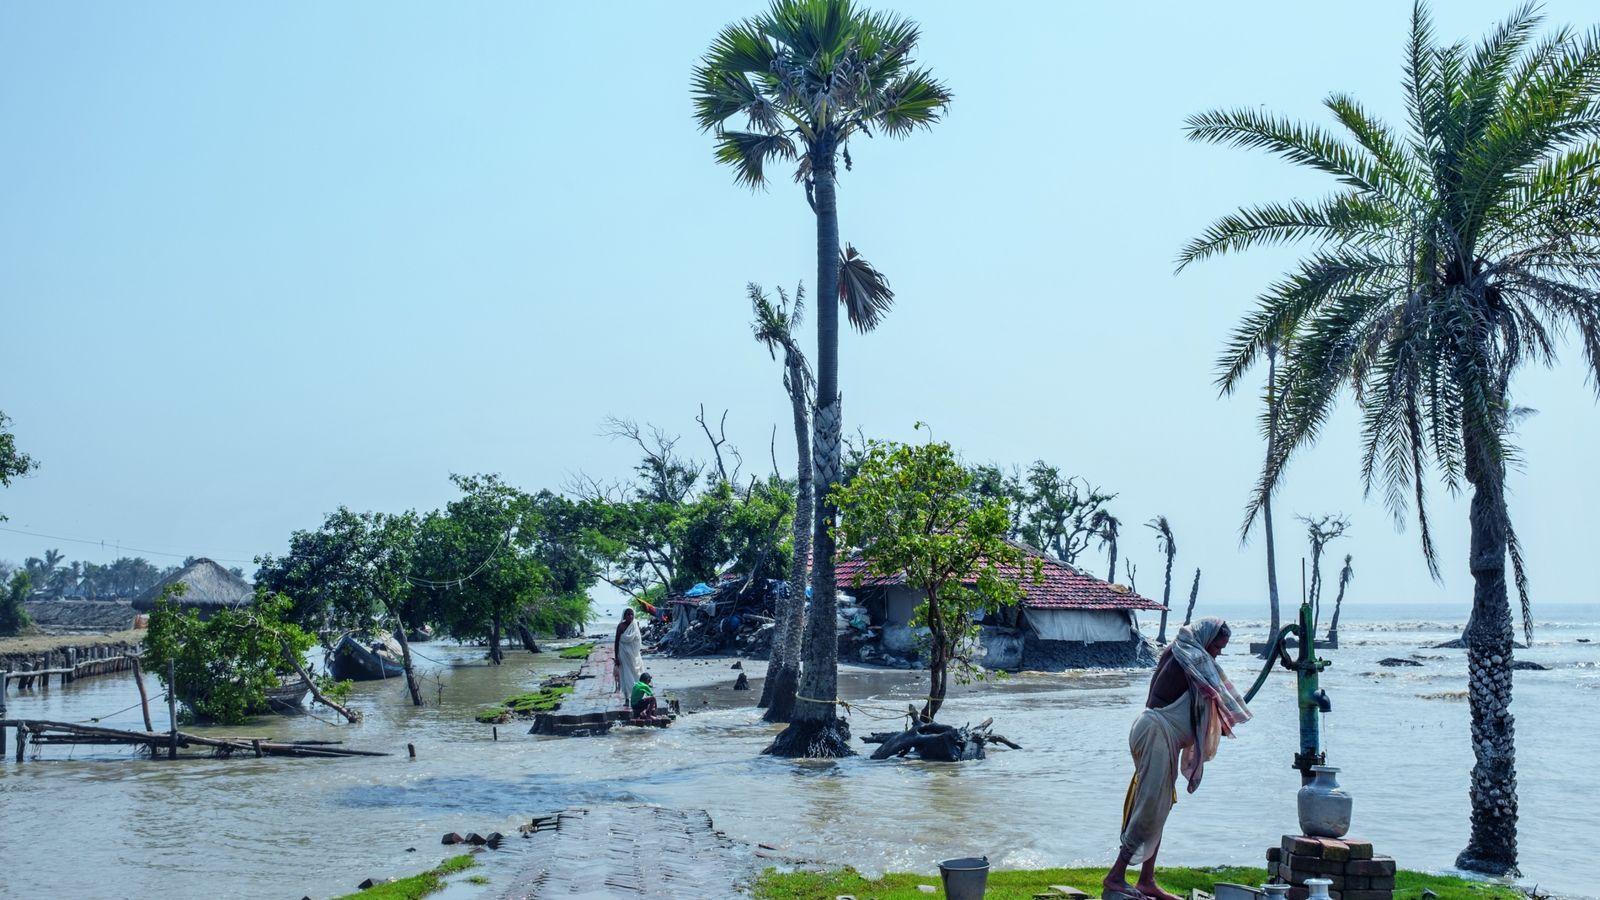 La région indo-bangladaise des Sundarbans disparaît peu à peu sous l'effet de la montée des eaux ...